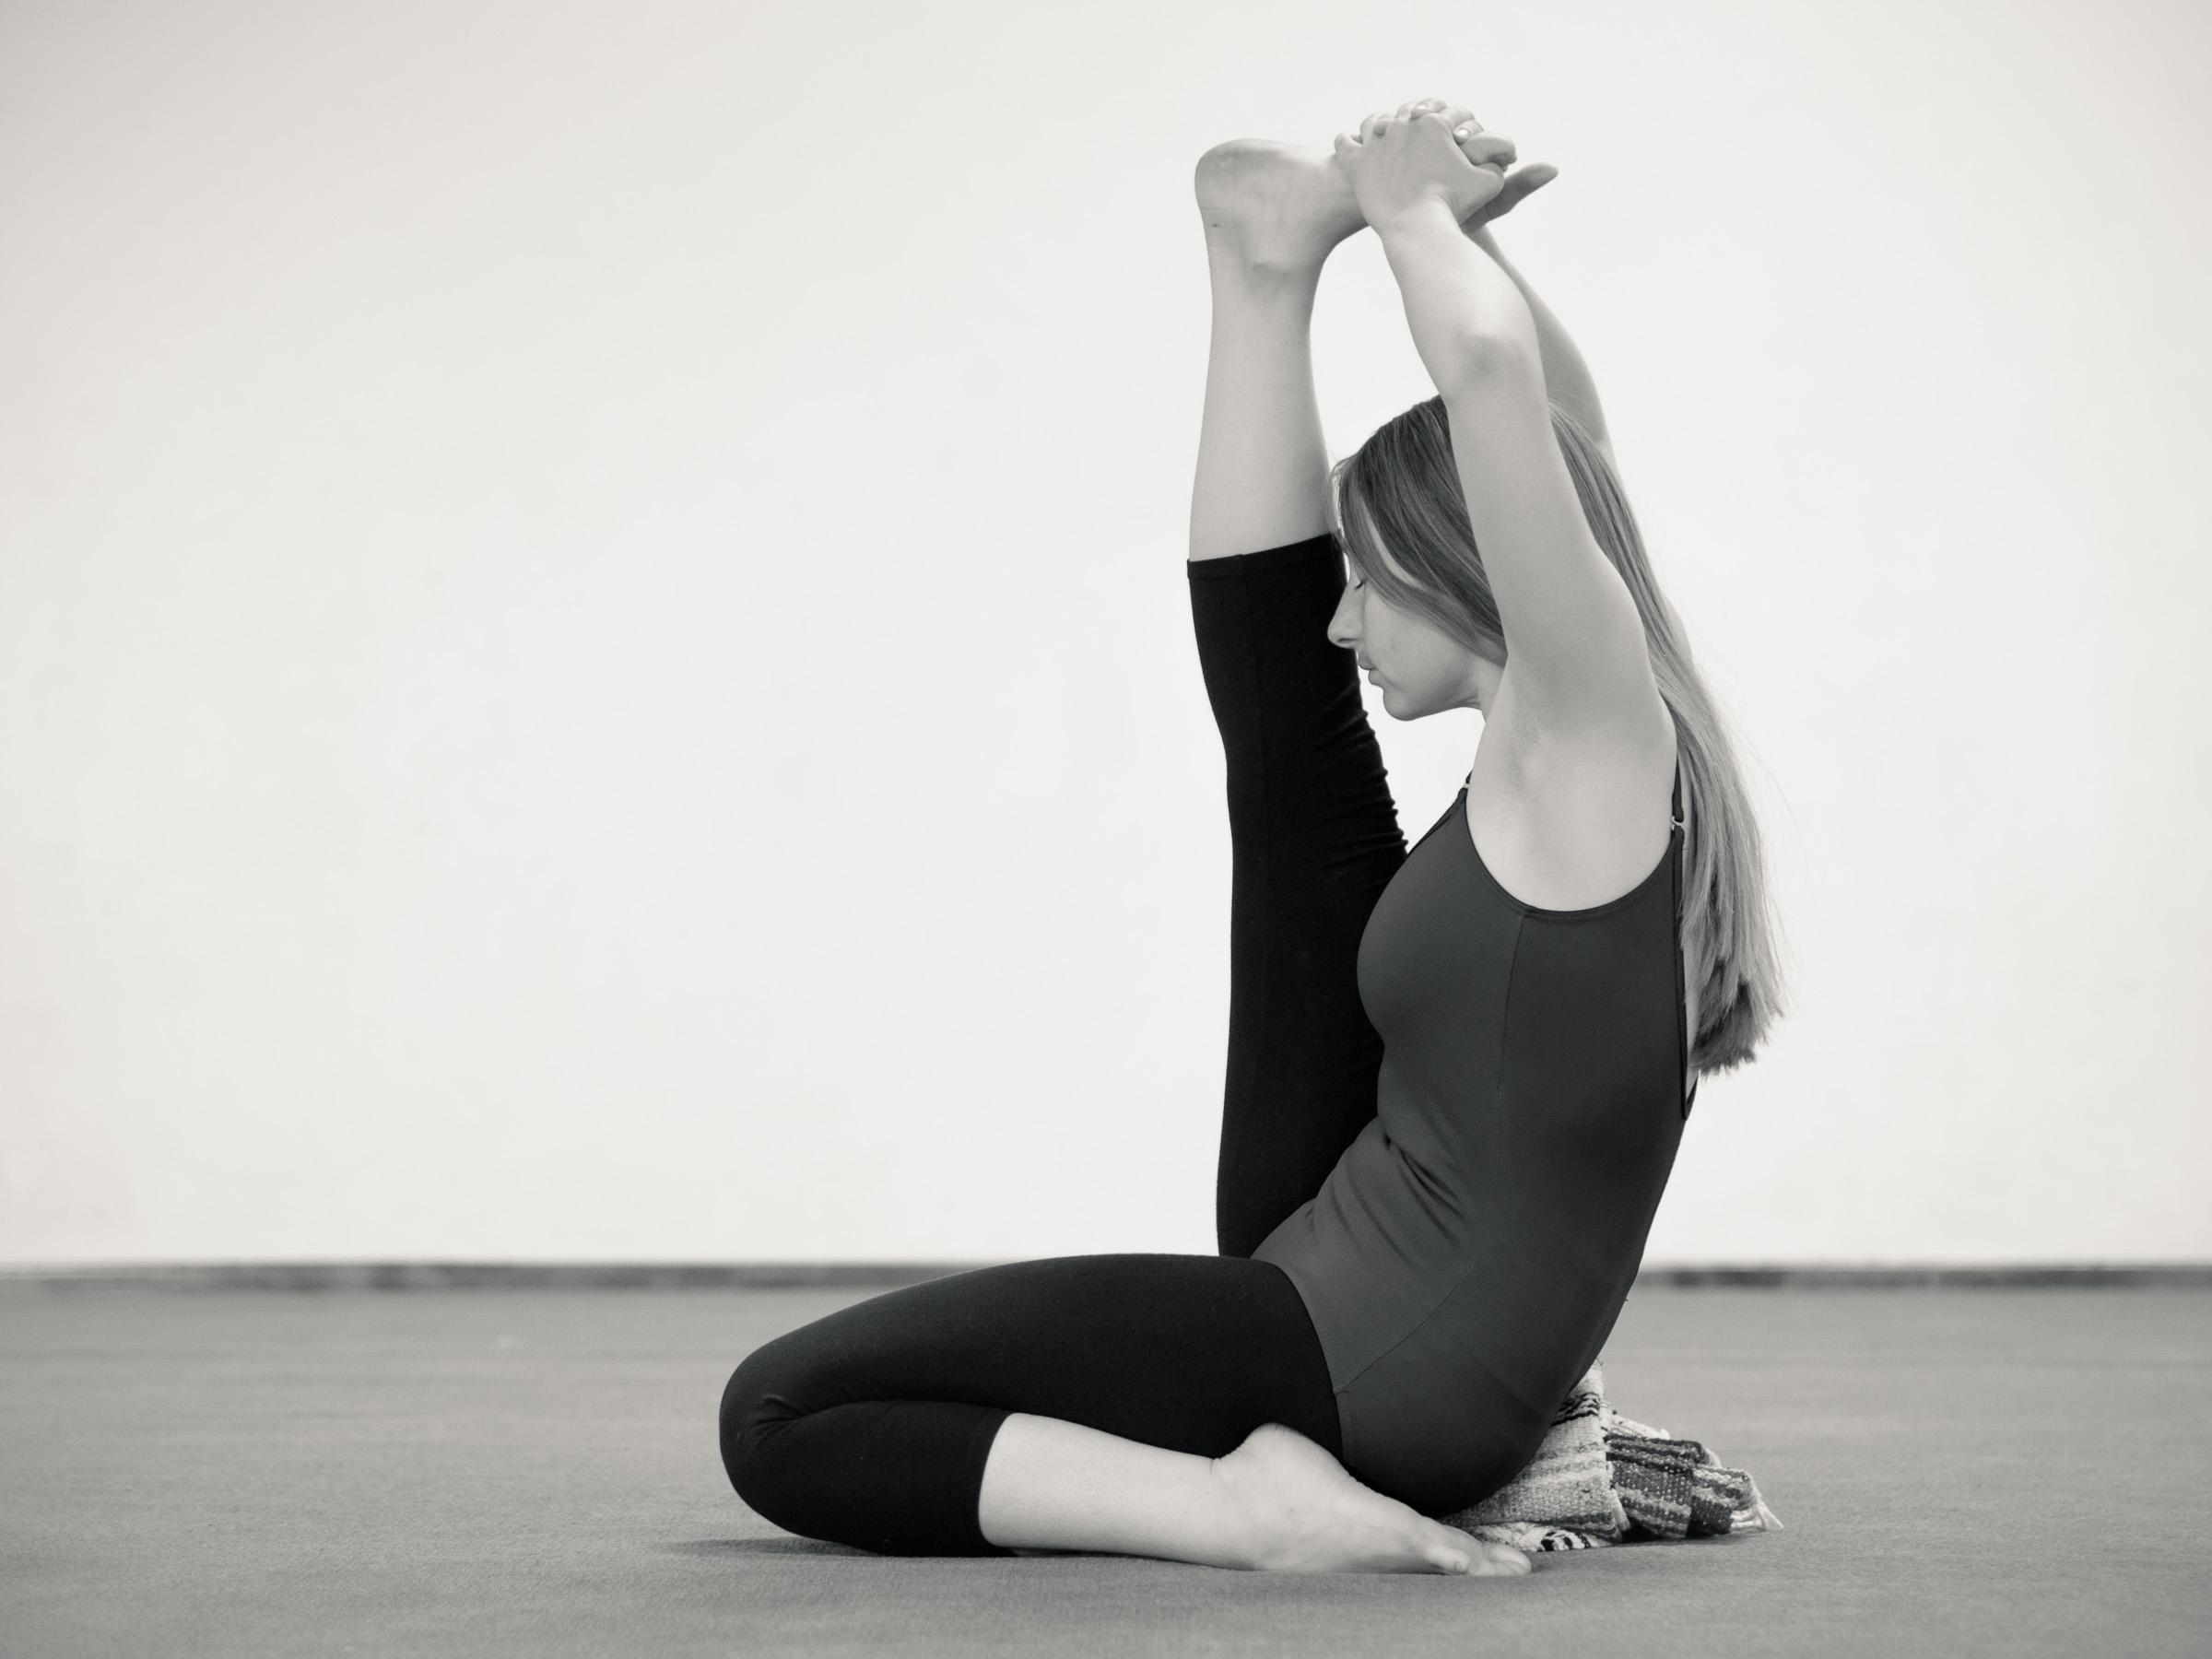 Krounchasana Full Expression, Seven Centers Yoga Arts, Sedona